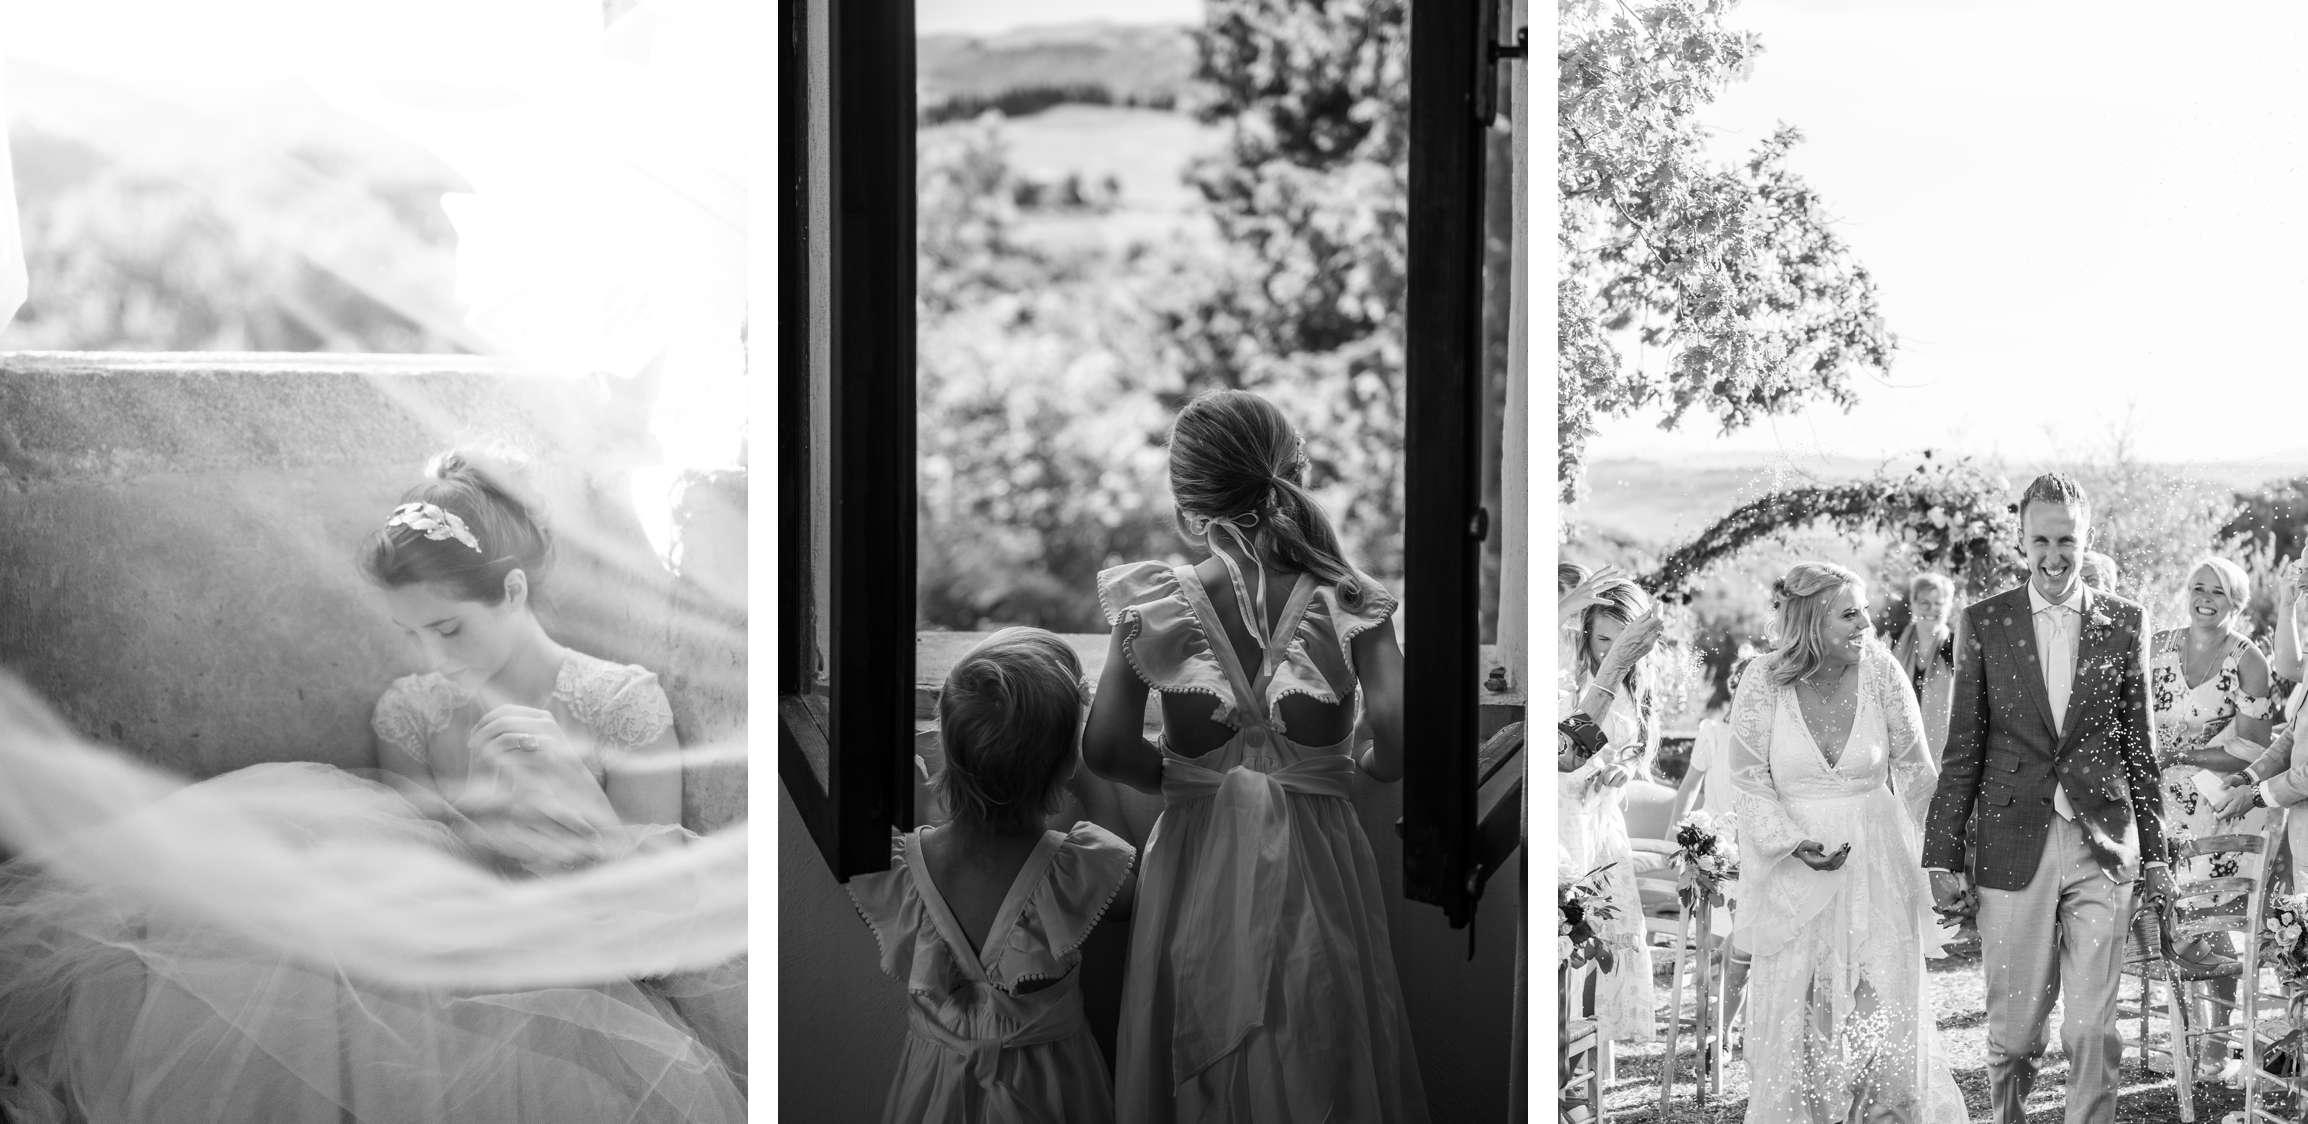 zwart wit foto's van bruiloften in Italie